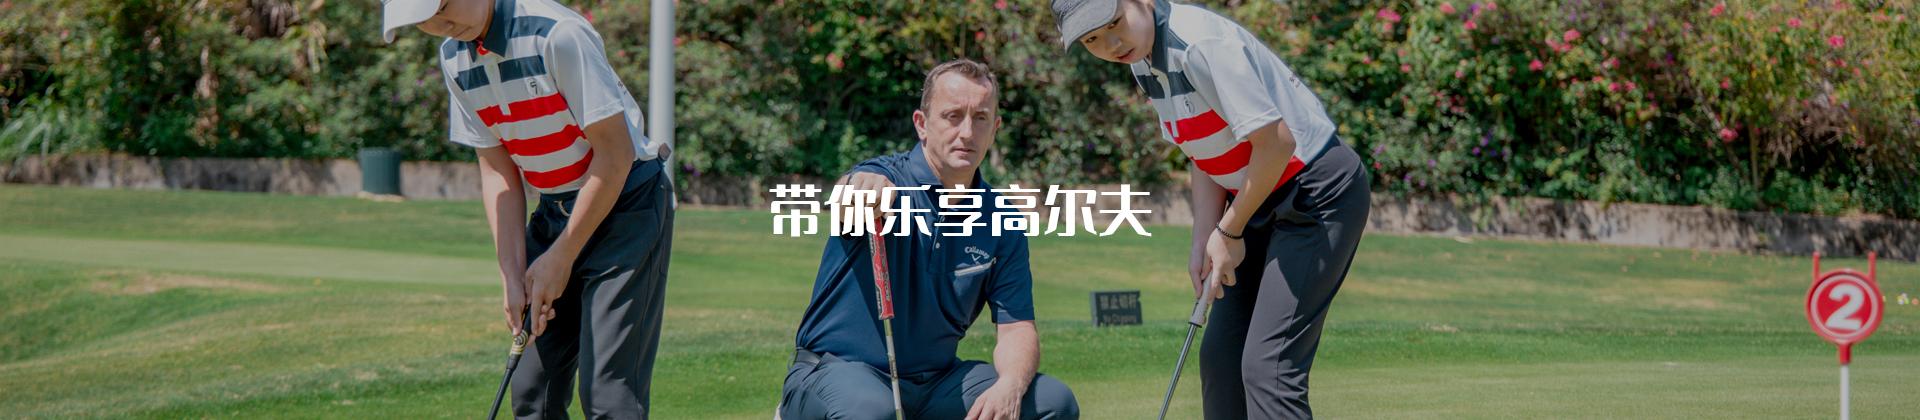 http://www.57-golf.com/data/upload/202106/20210603095726_824.jpg